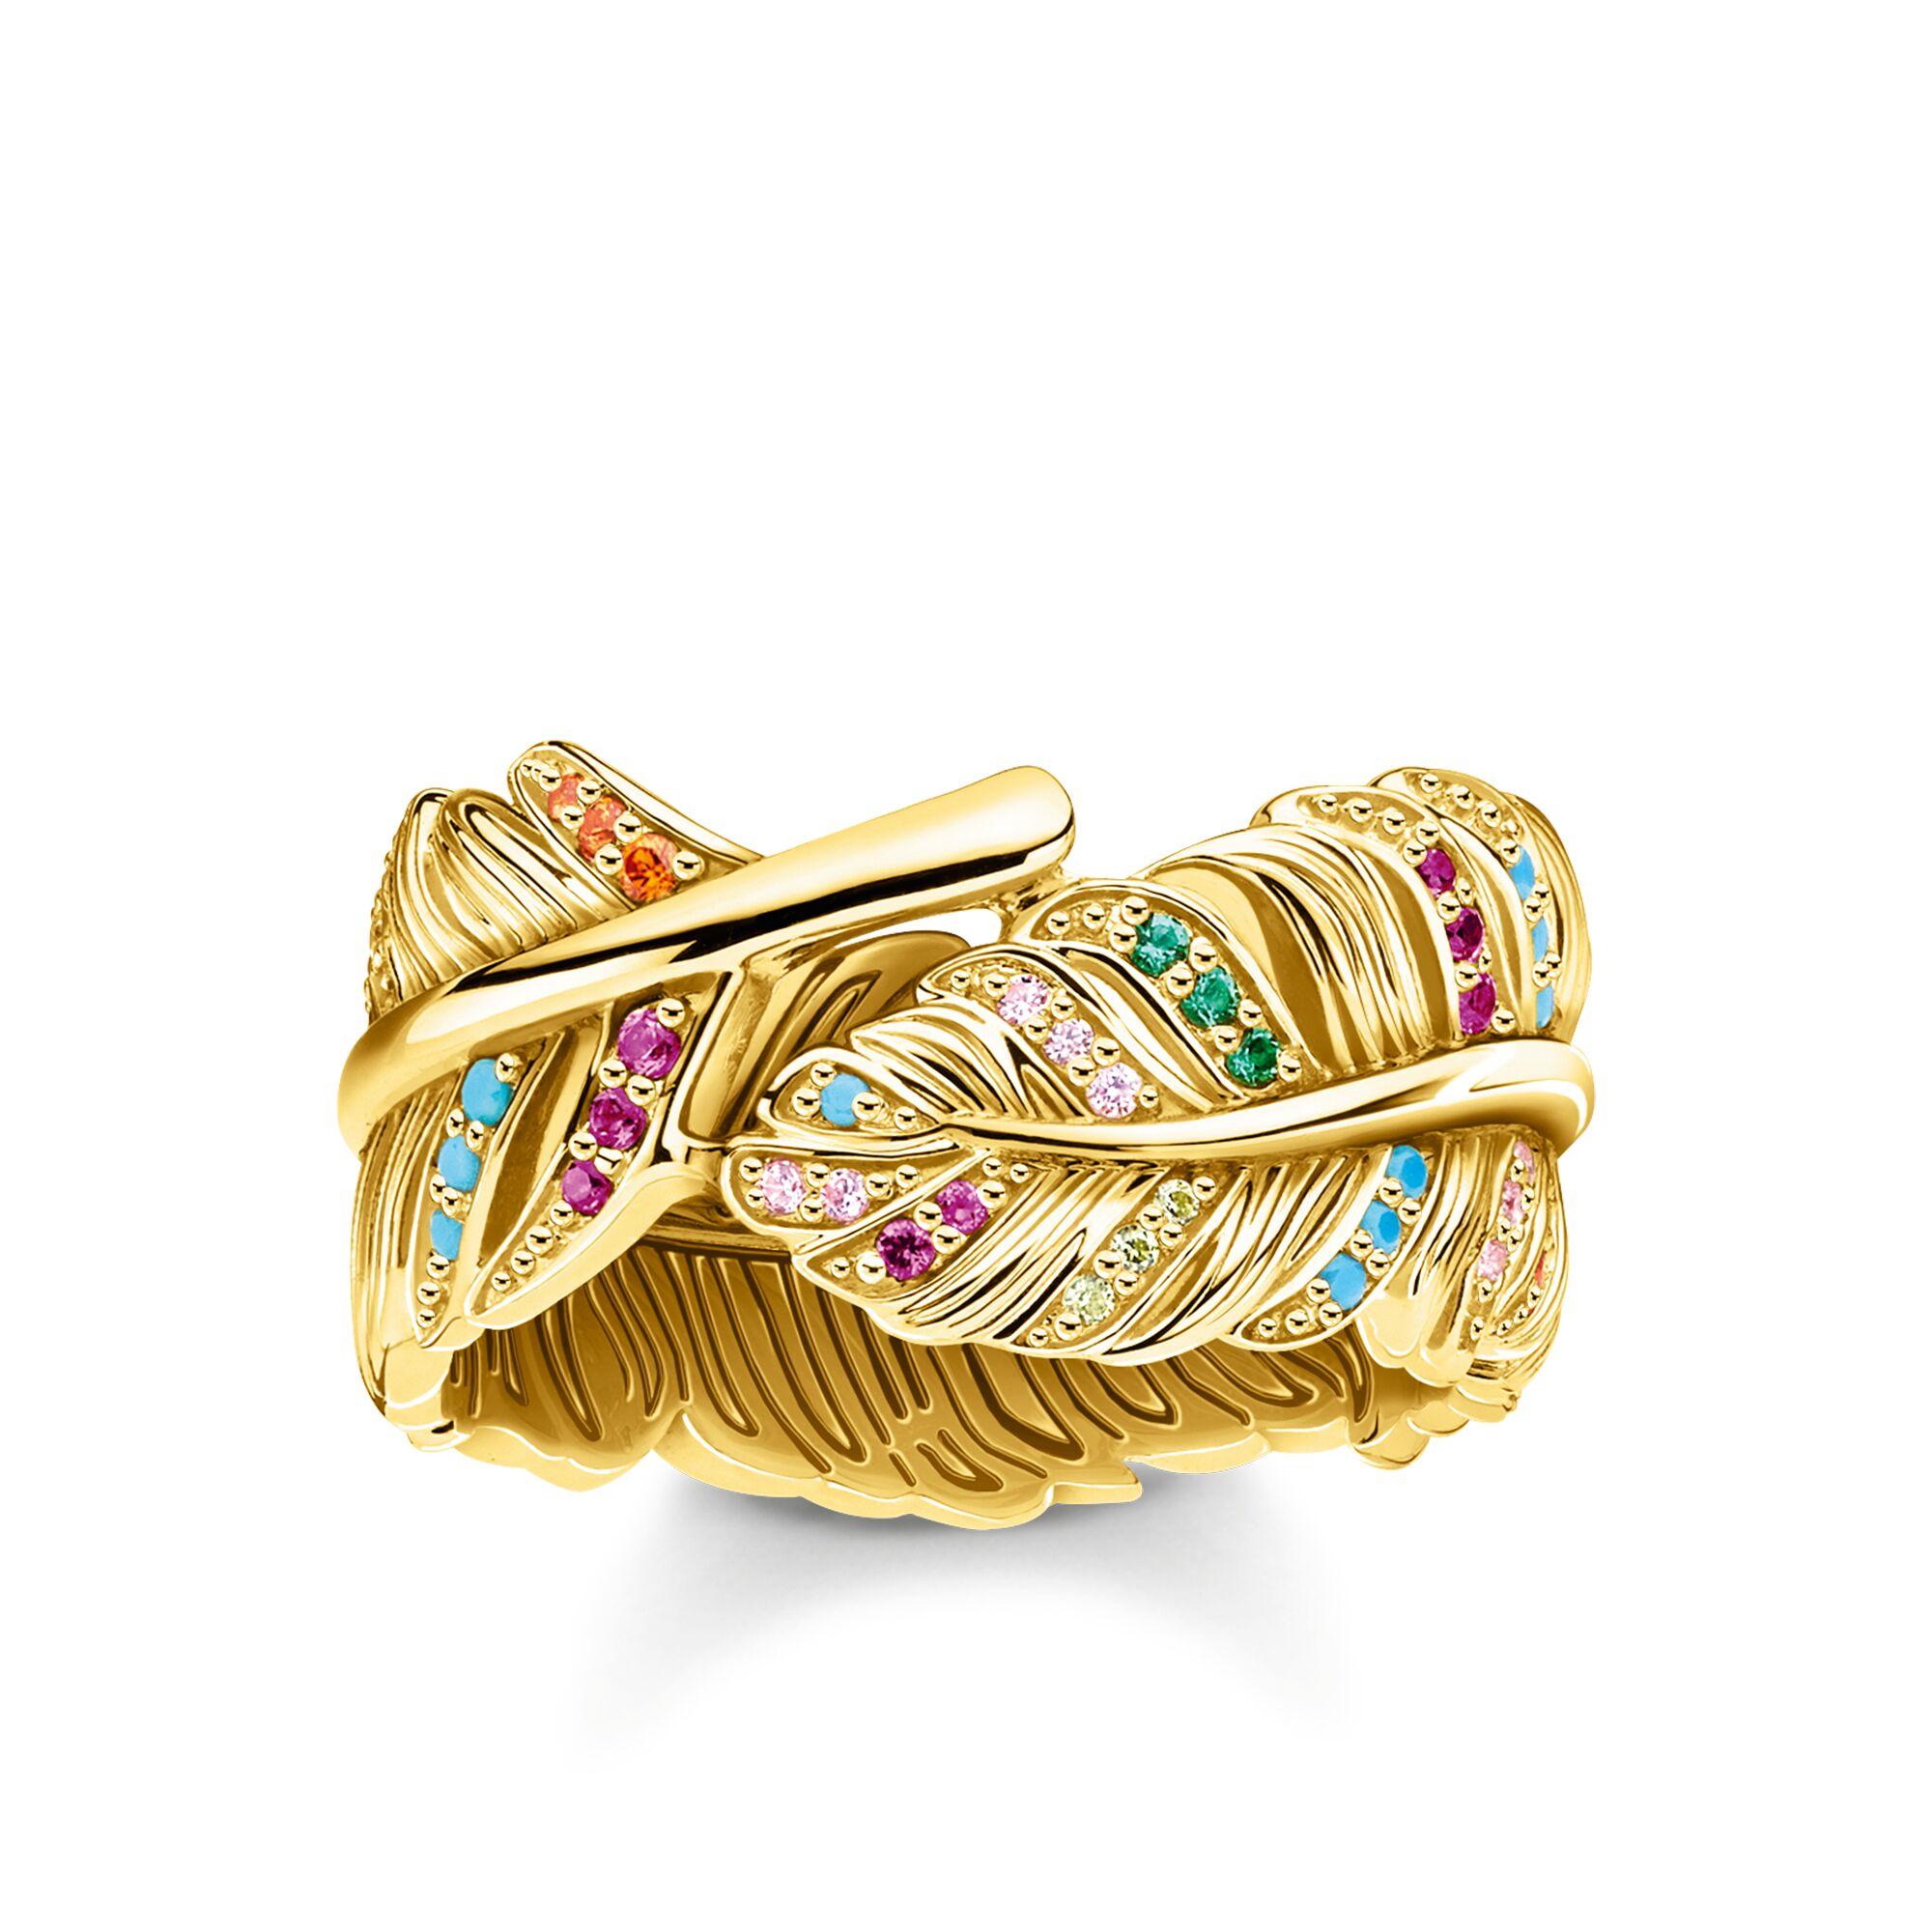 Bague femme, plume or et multicolore, Thomas Sabo